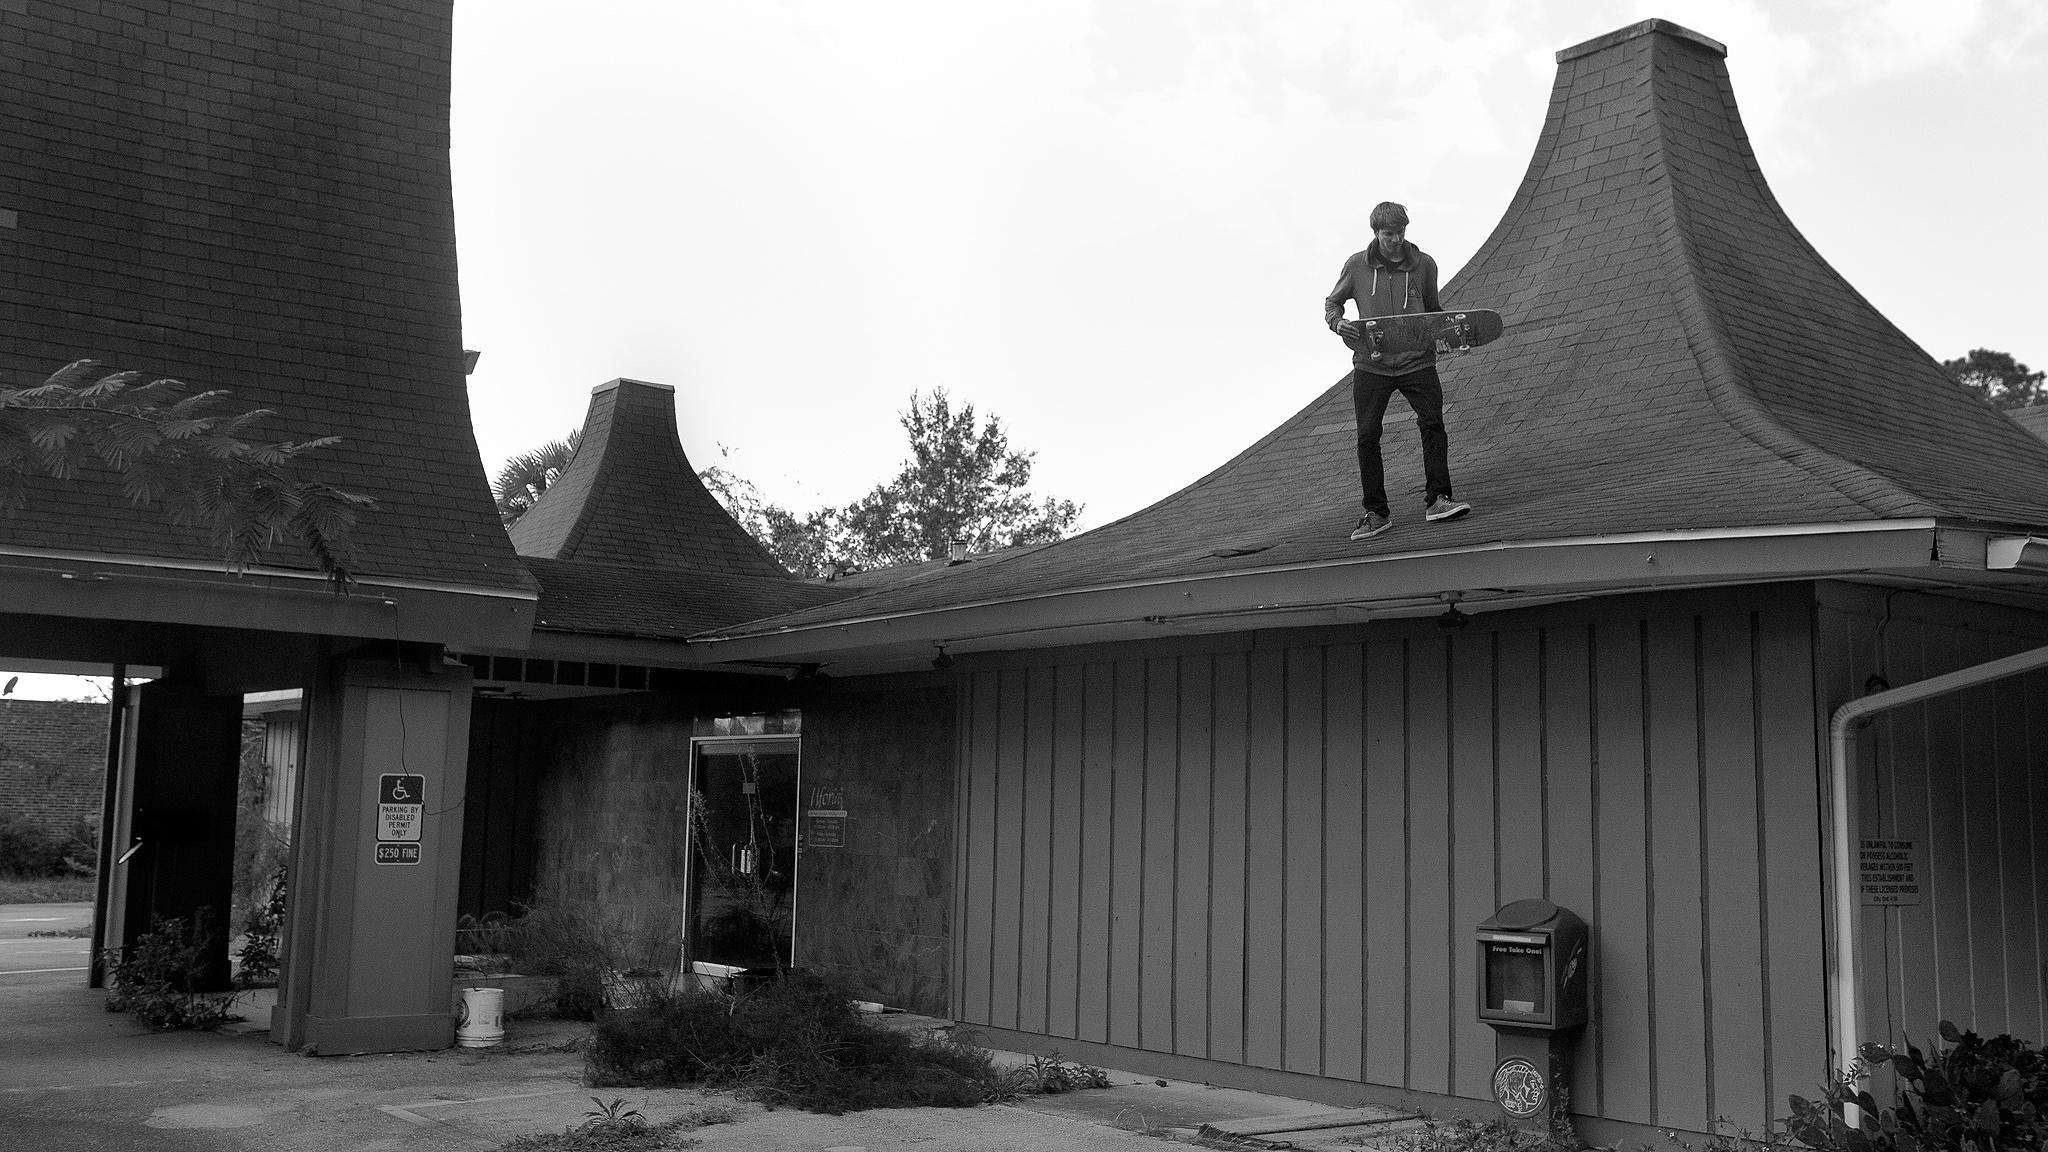 Roof patrol